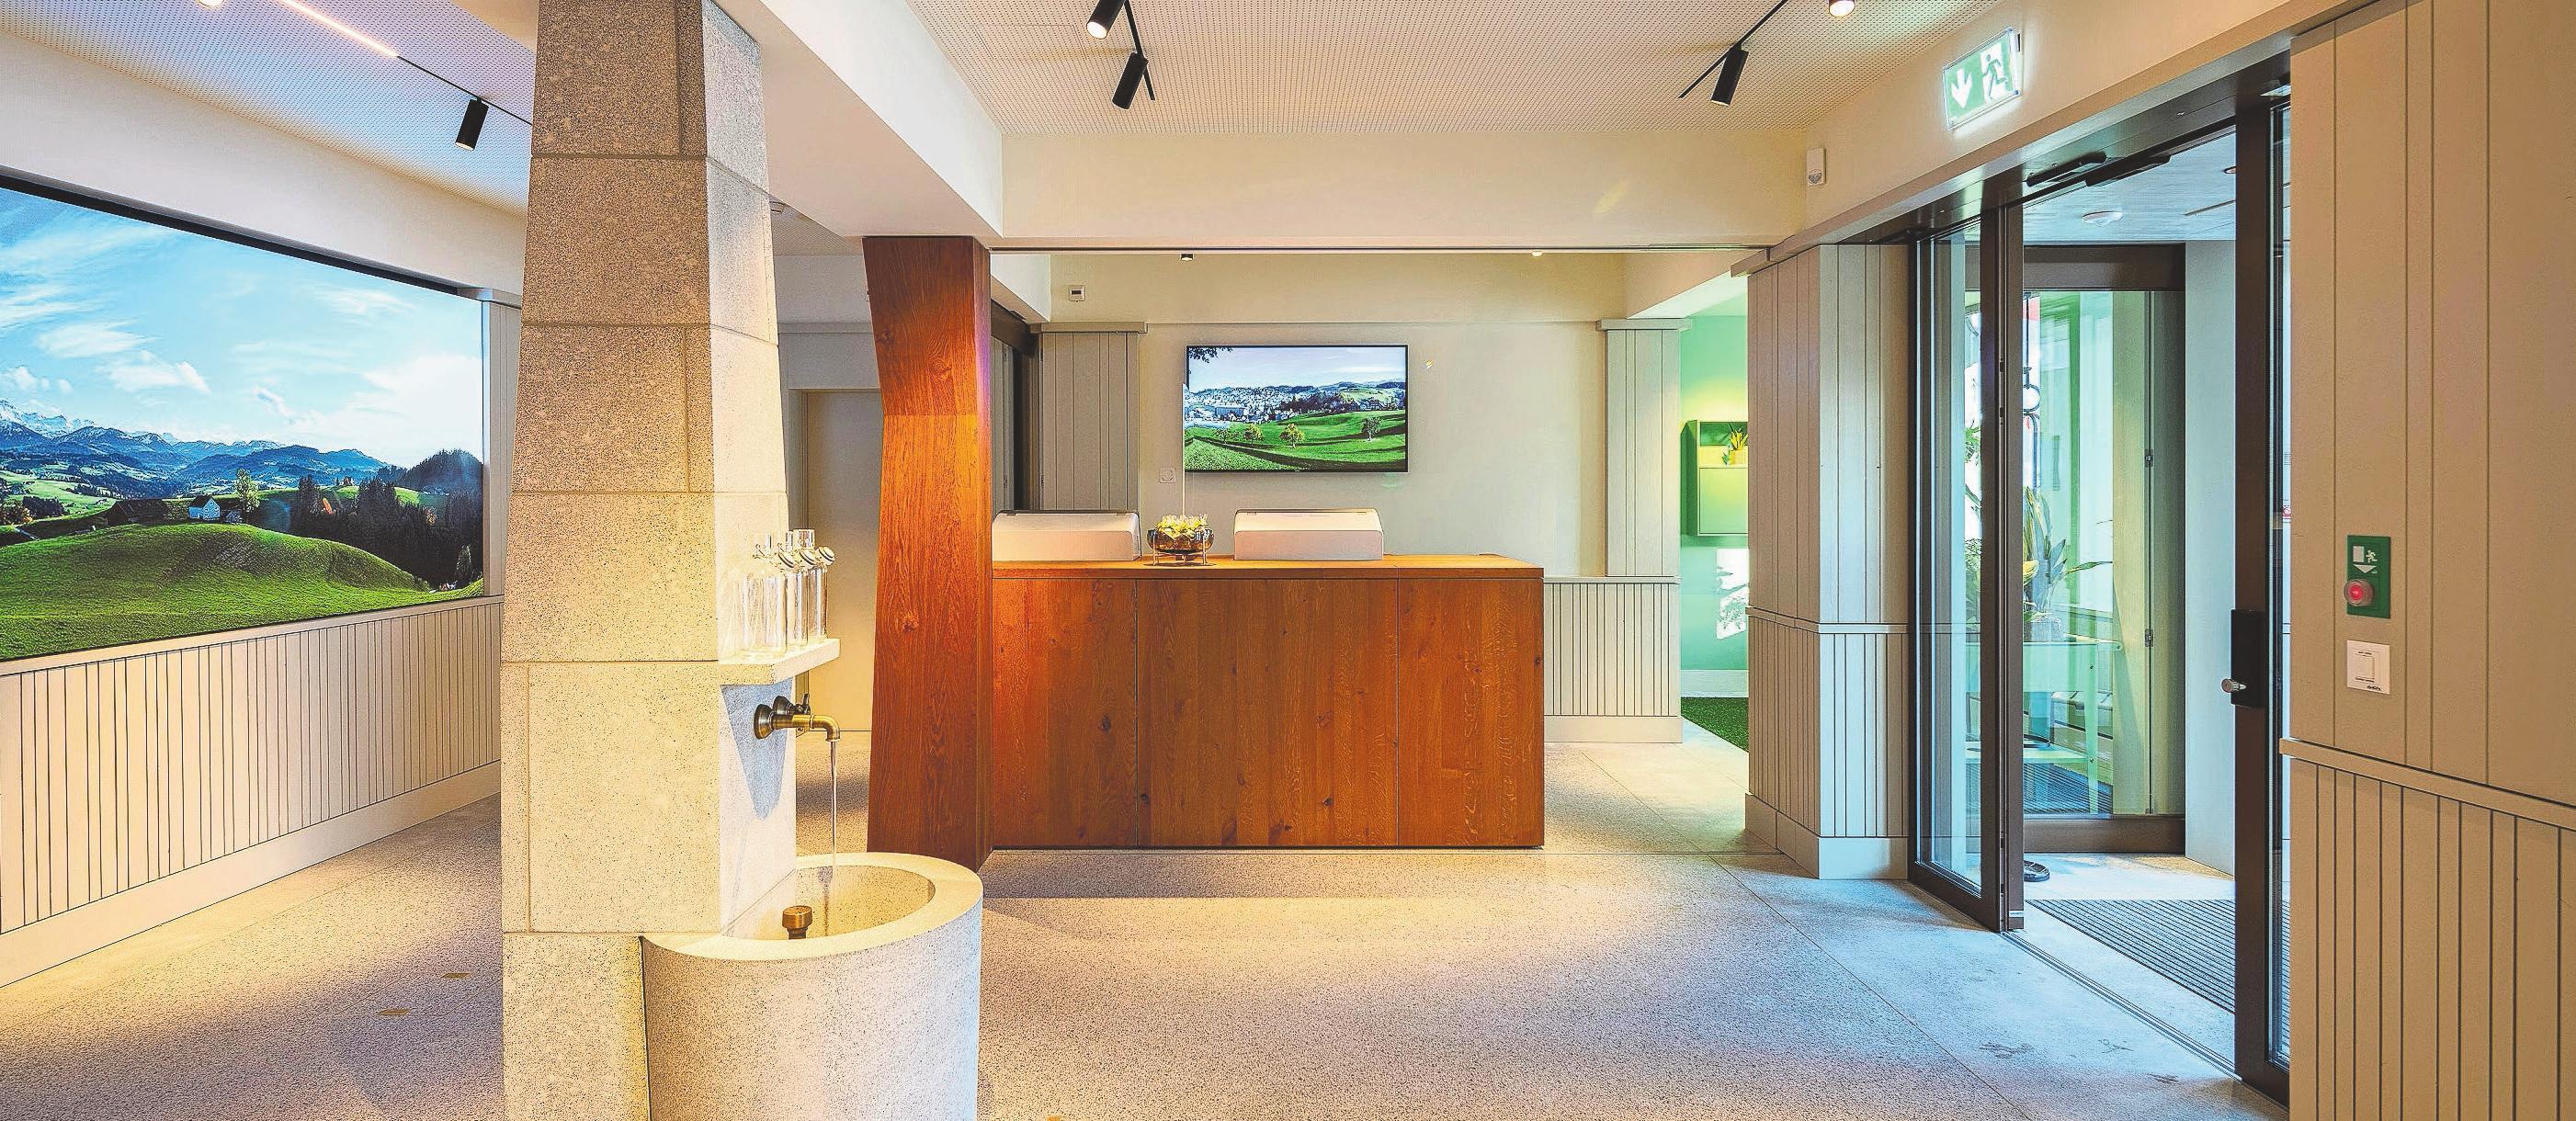 Der Eingangsbereich in die Bank ist als Dorfplatz mit Brunnen gestaltet. Hier sollen sich die Gäste willkommen fühlen. Fotos: Daniel Ammann